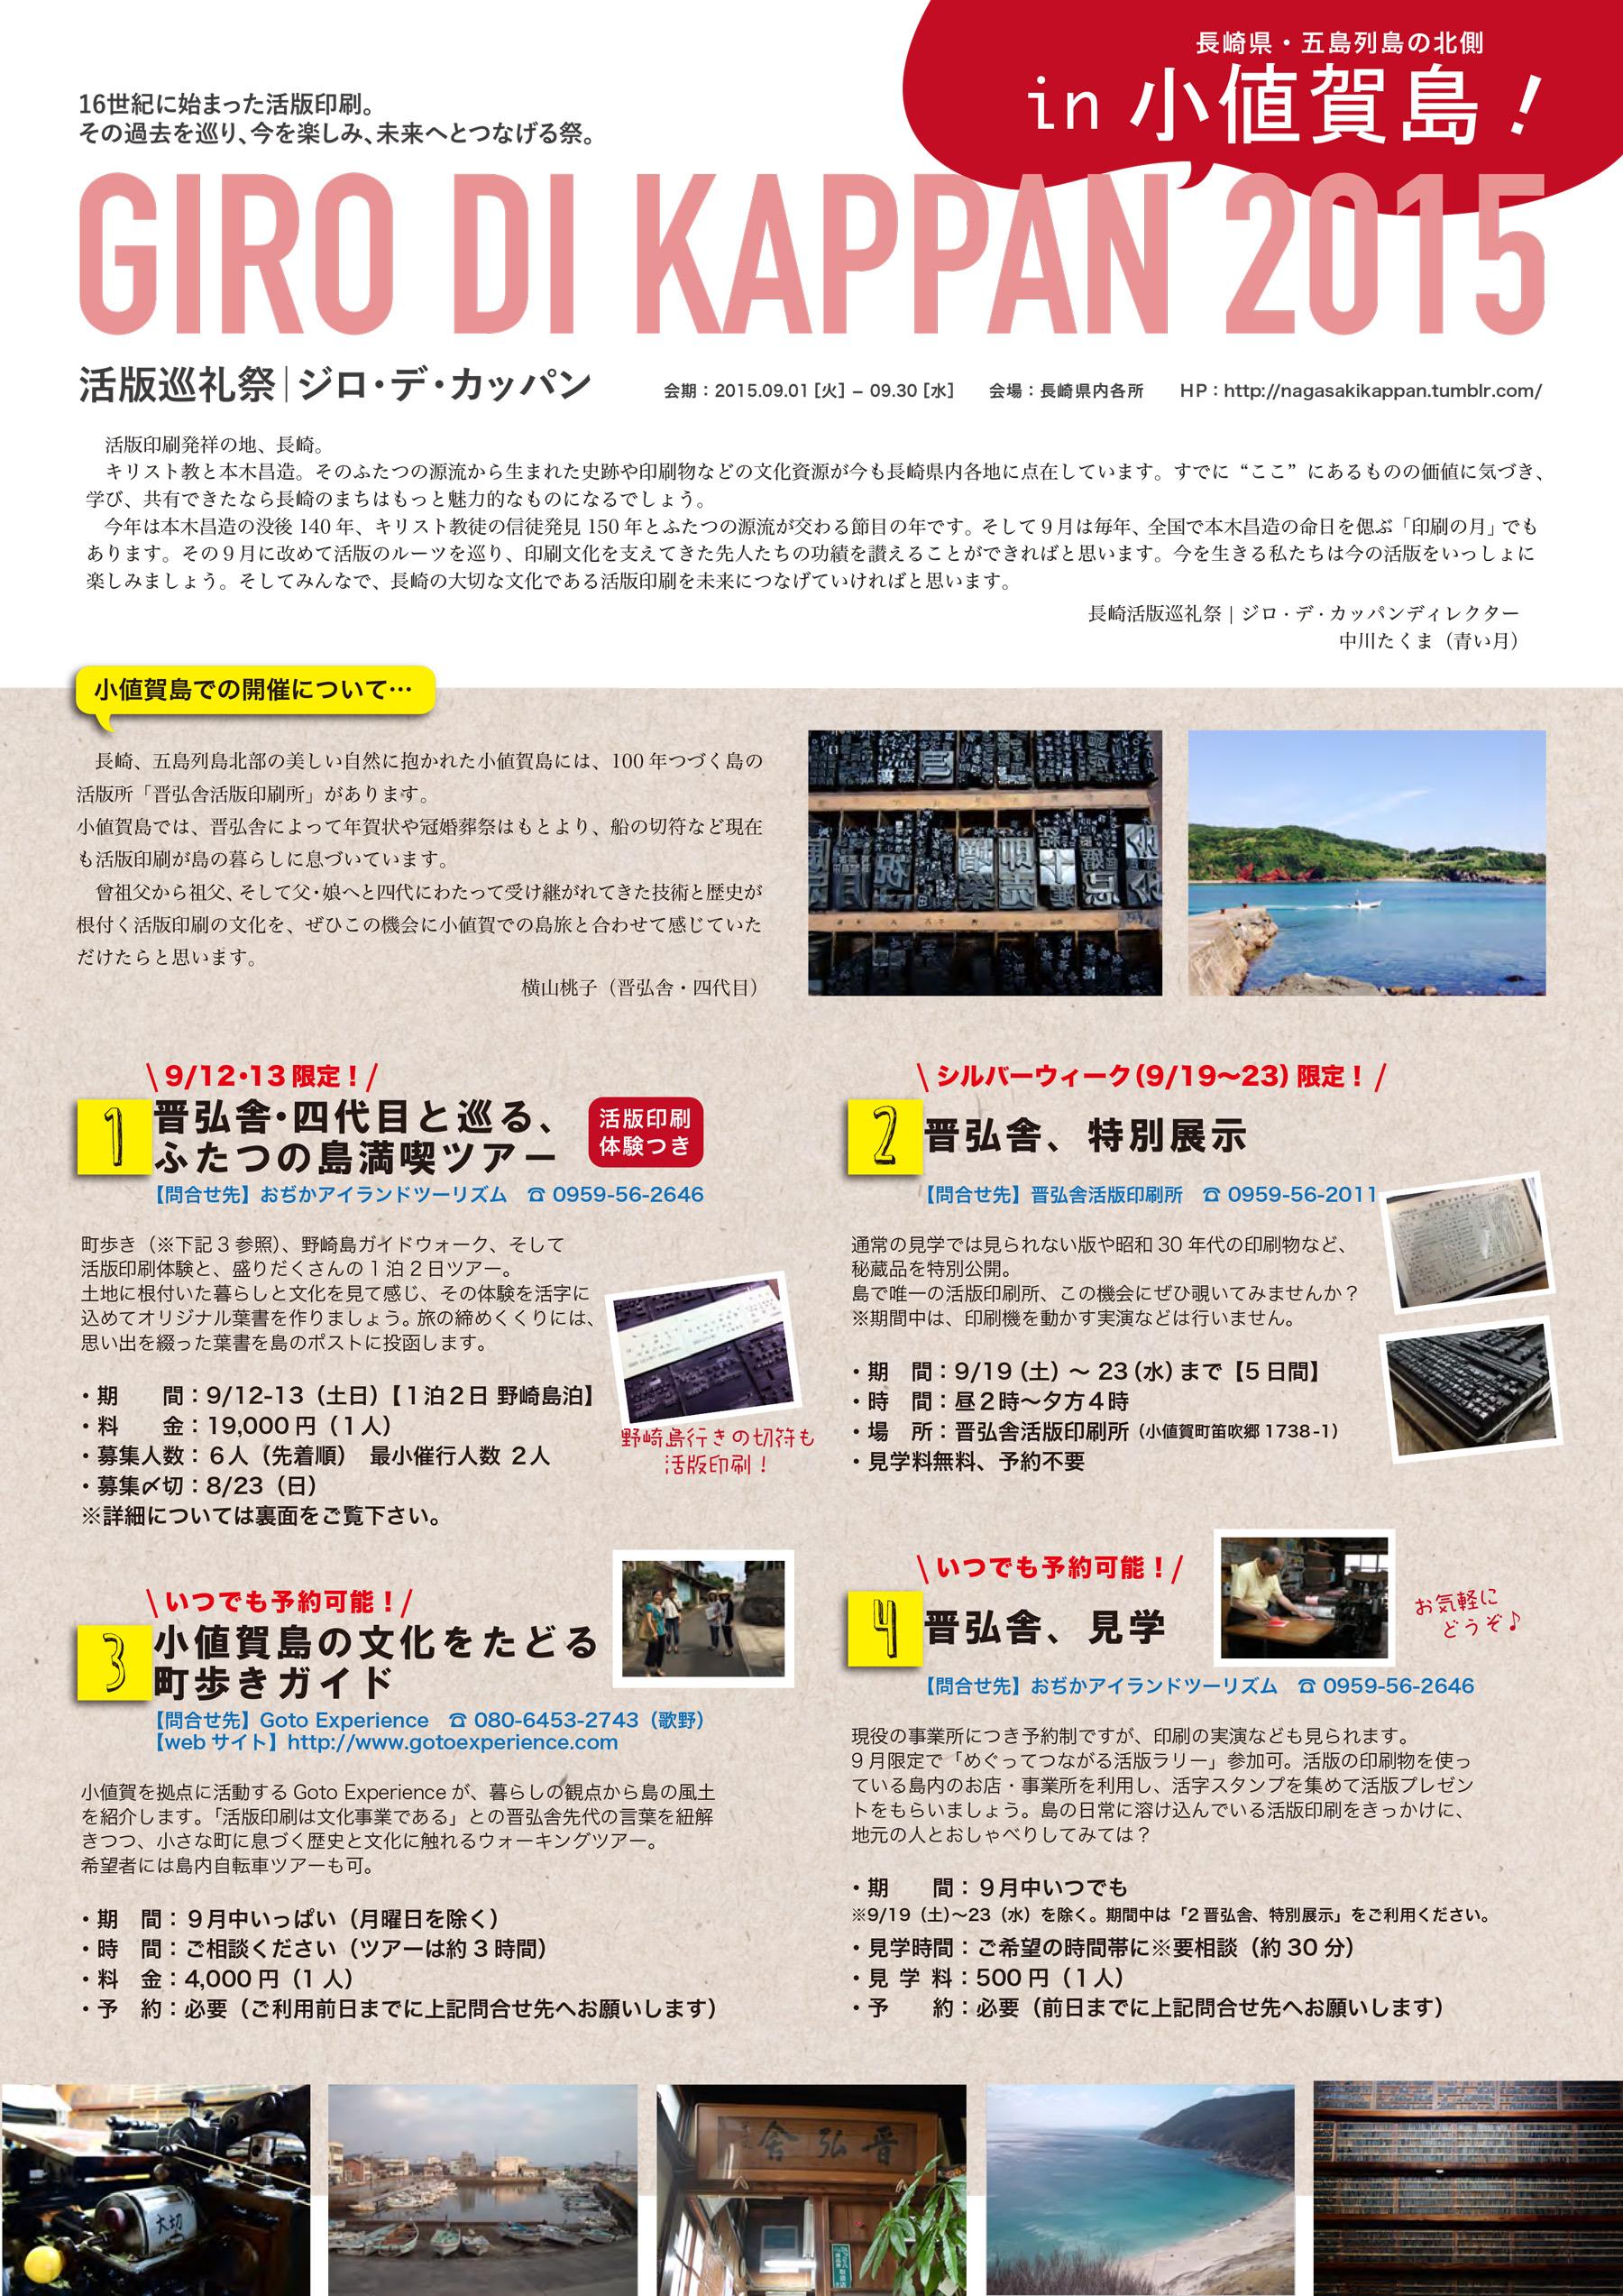 詳細ジロ・デ・カッパンin小値賀島チラシ-1